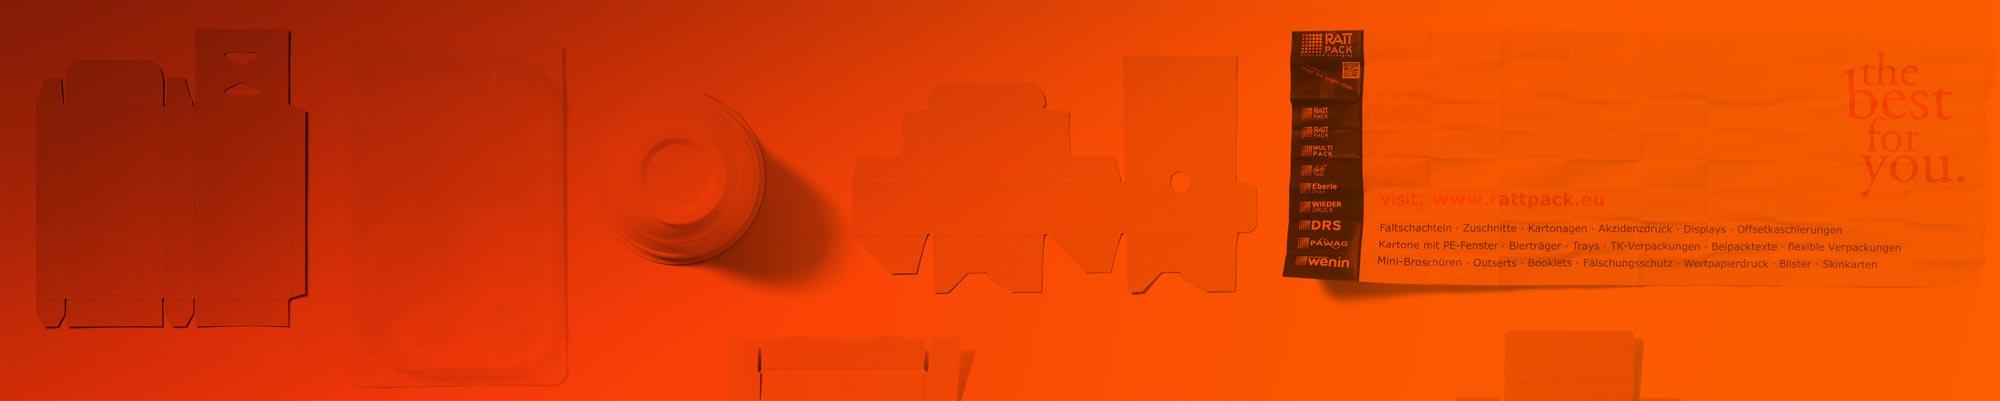 RATTPACK Hersteller von Sachets in DE und AT. Handlich und federleicht. Stick Packs oder Sachet? Die Vorteile: materialsparsam, leicht, effizient, universell. Wir beraten Sie.